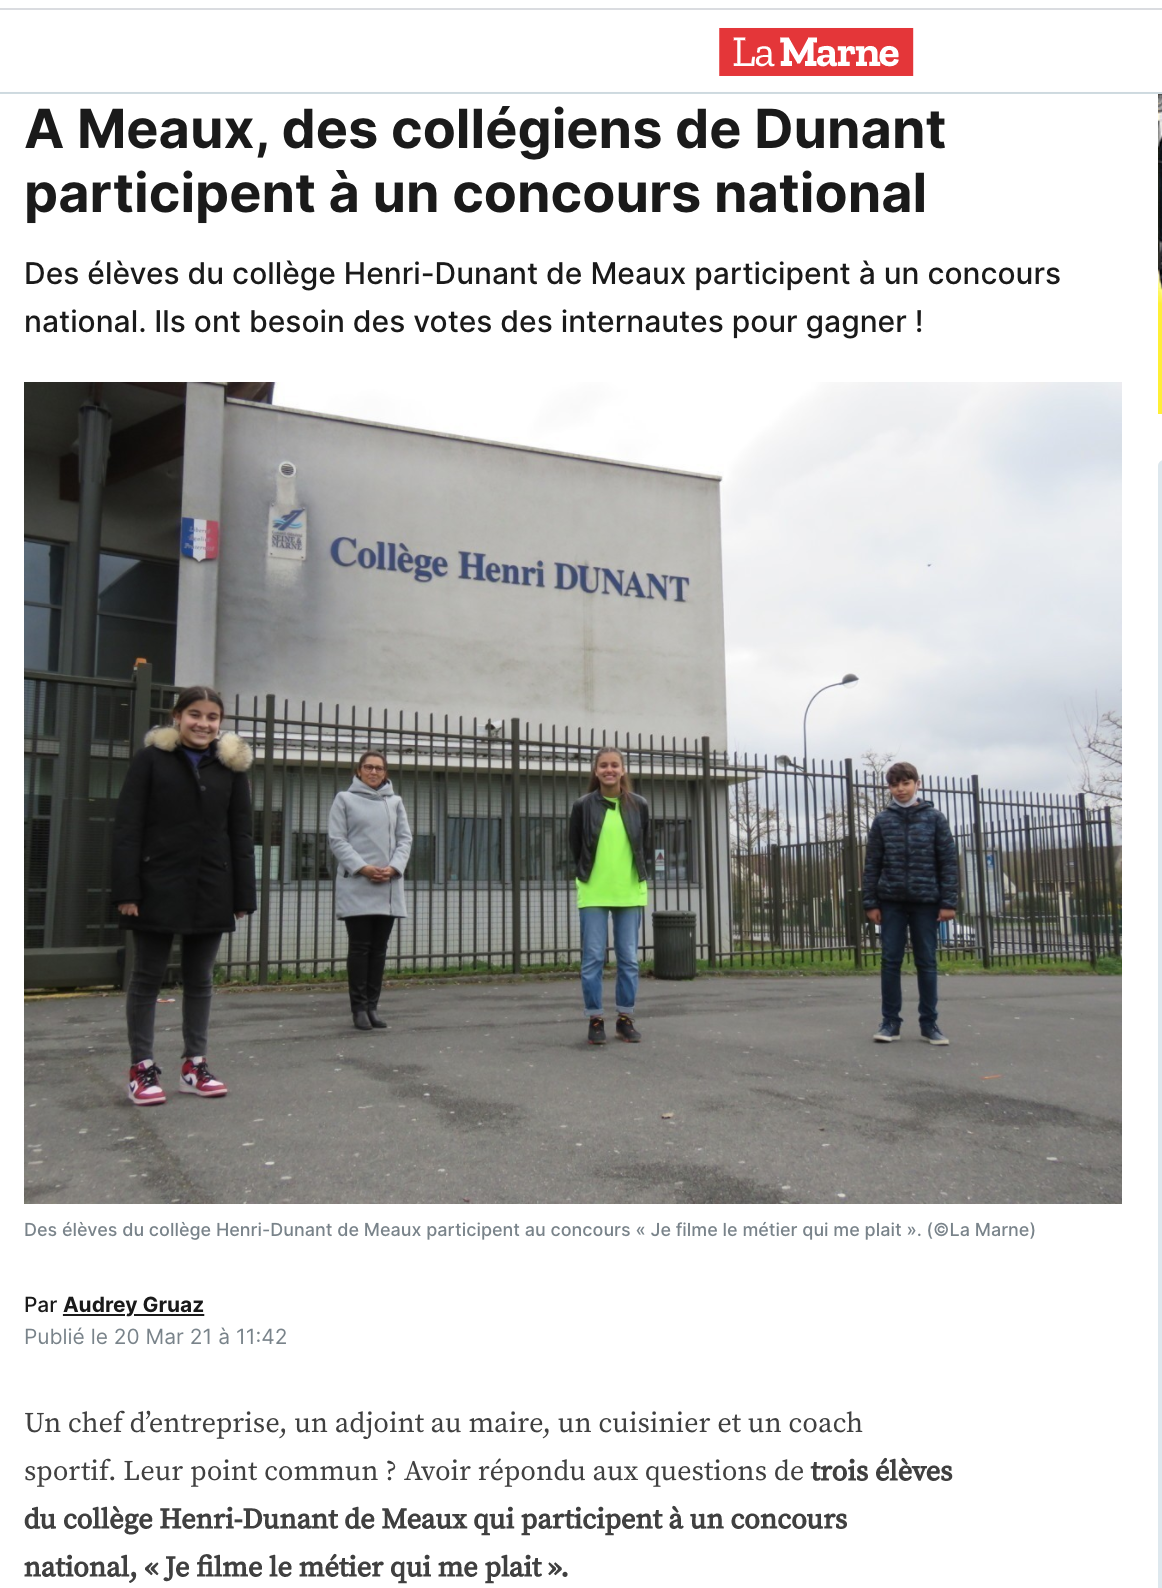 À Meaux, des collégiens de Dunant participent à un concours national